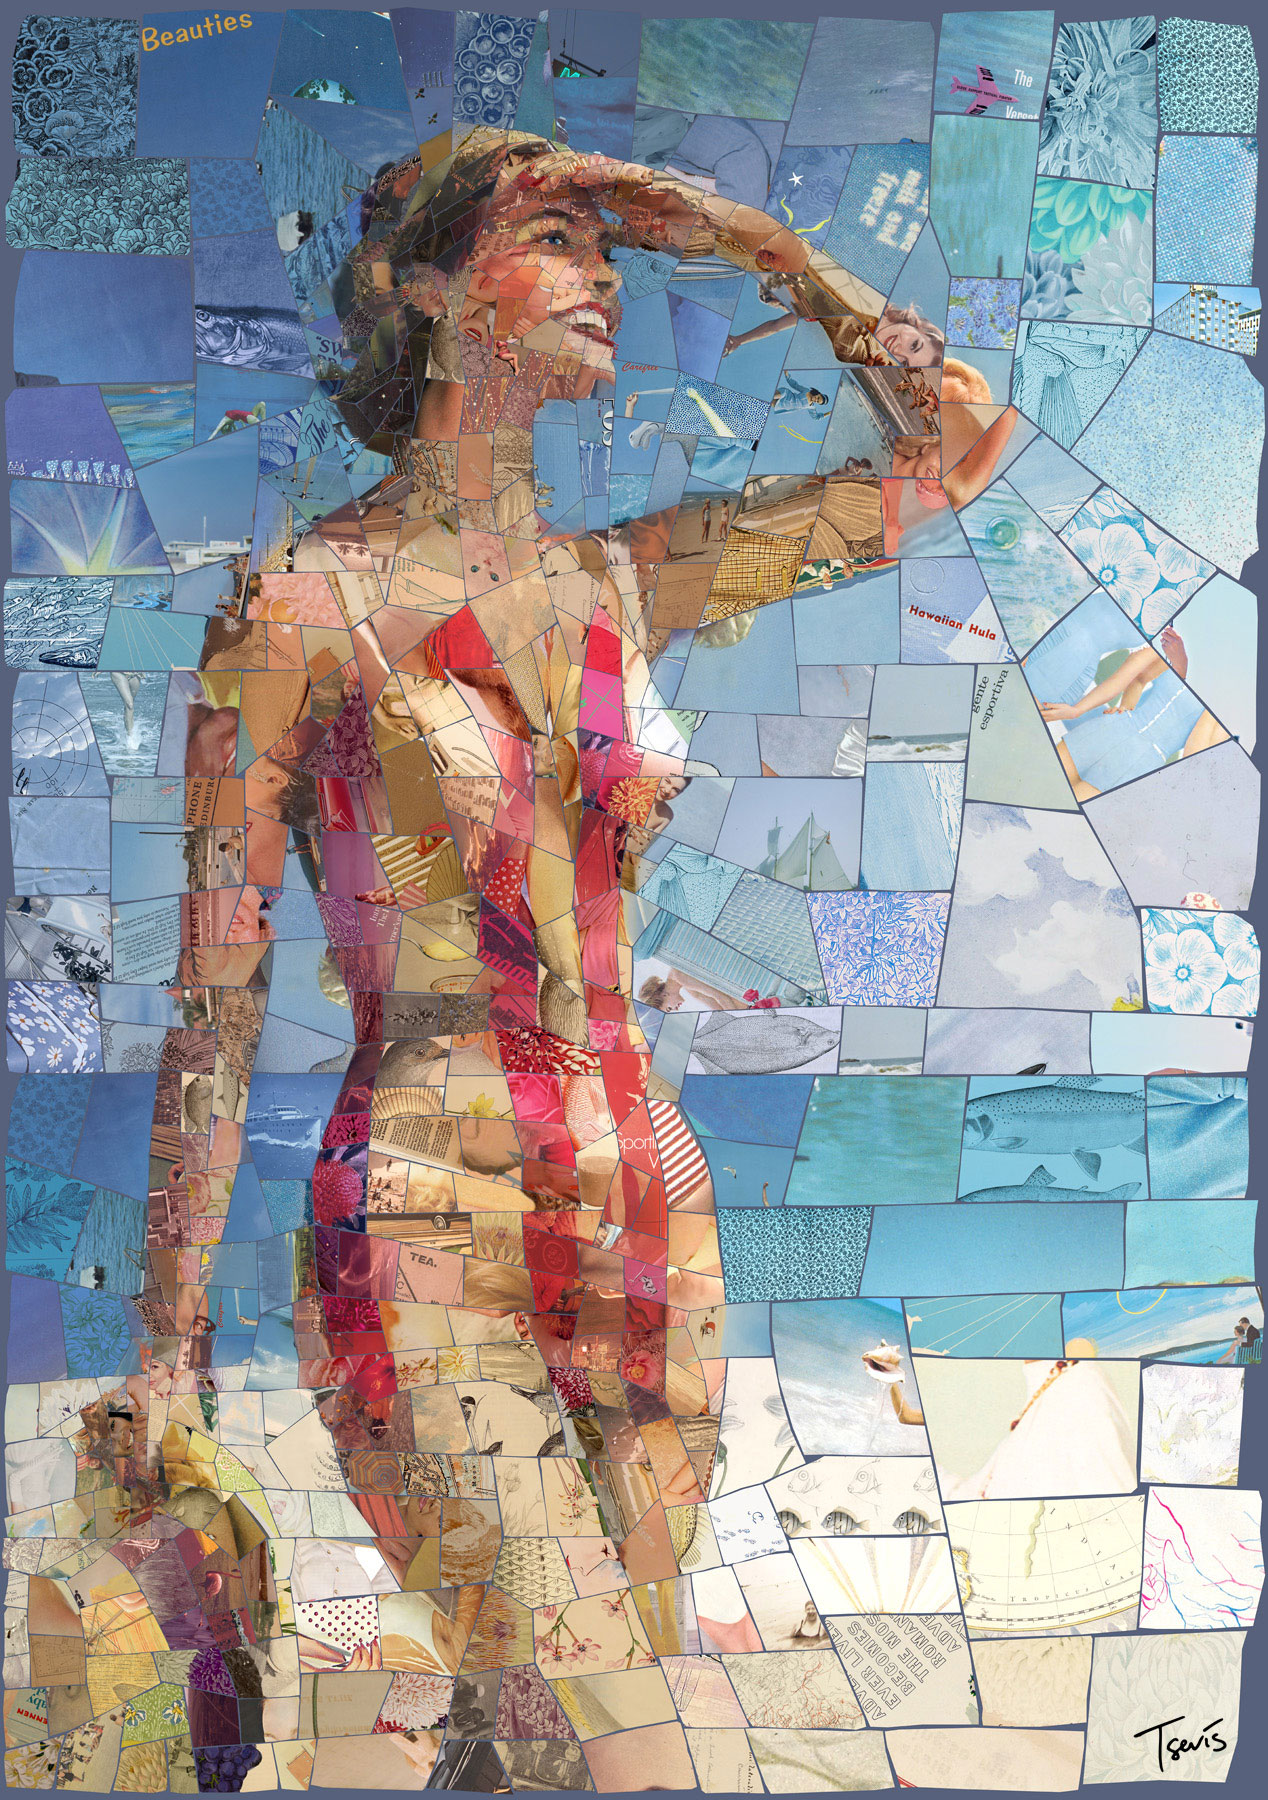 Immagine della ragazza in bikini realizzato con mosaici.